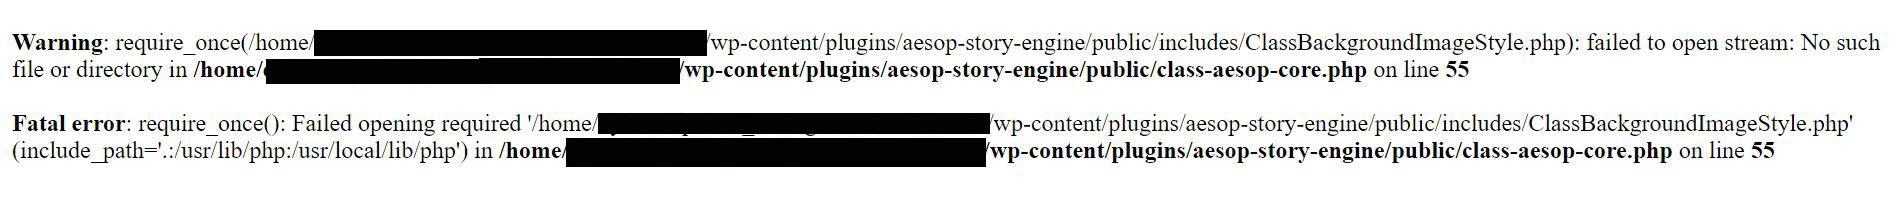 Error page image